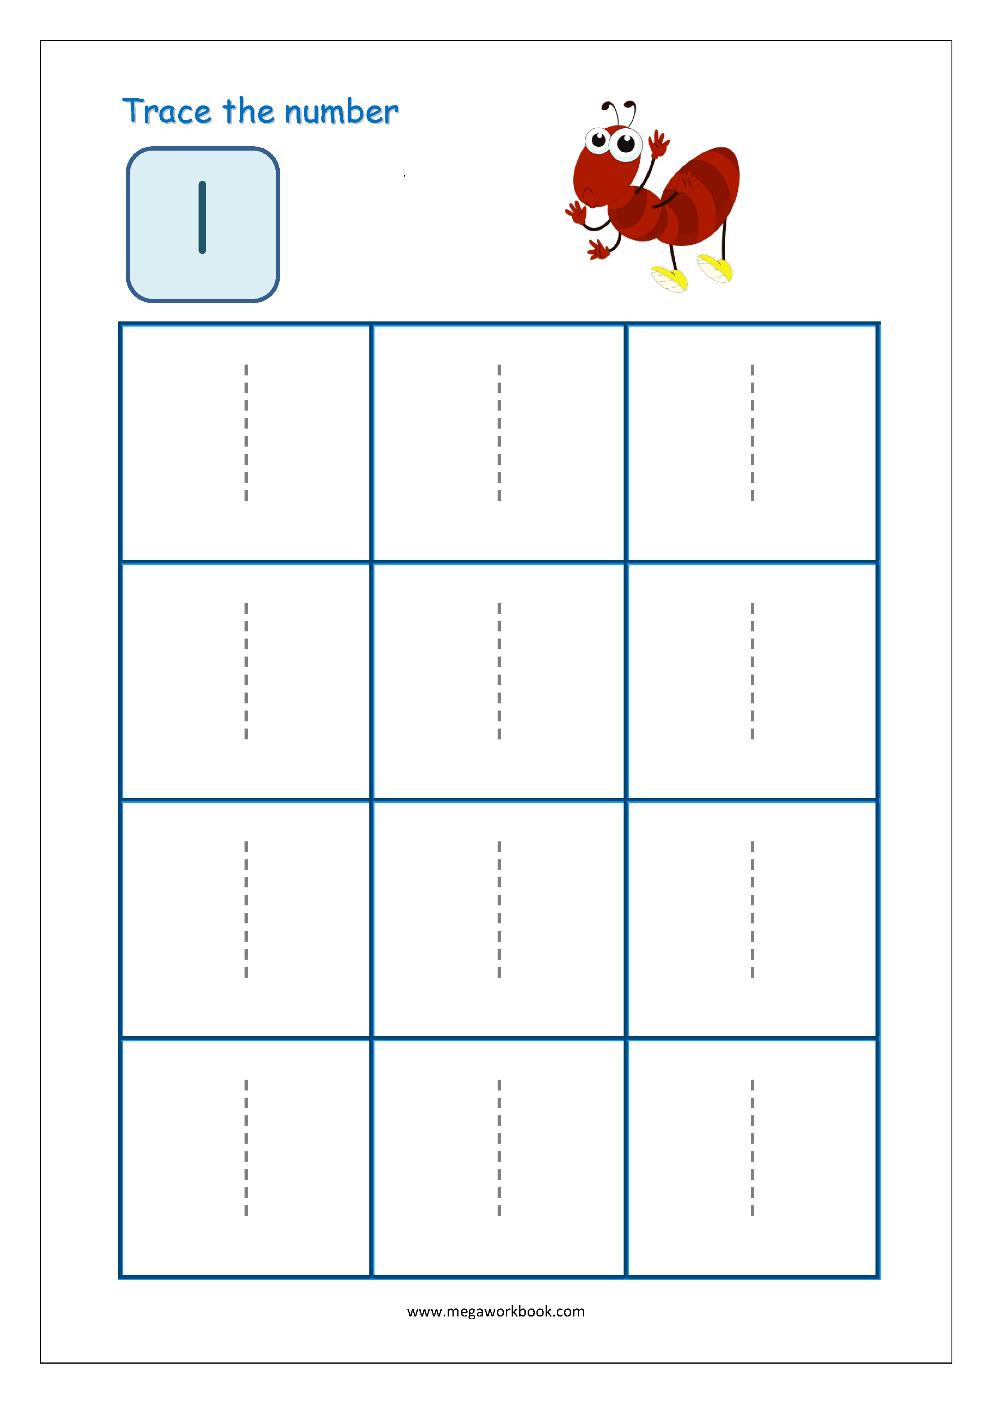 Worksheet ~ Number Tracing Numbers Worksheets Worksheet